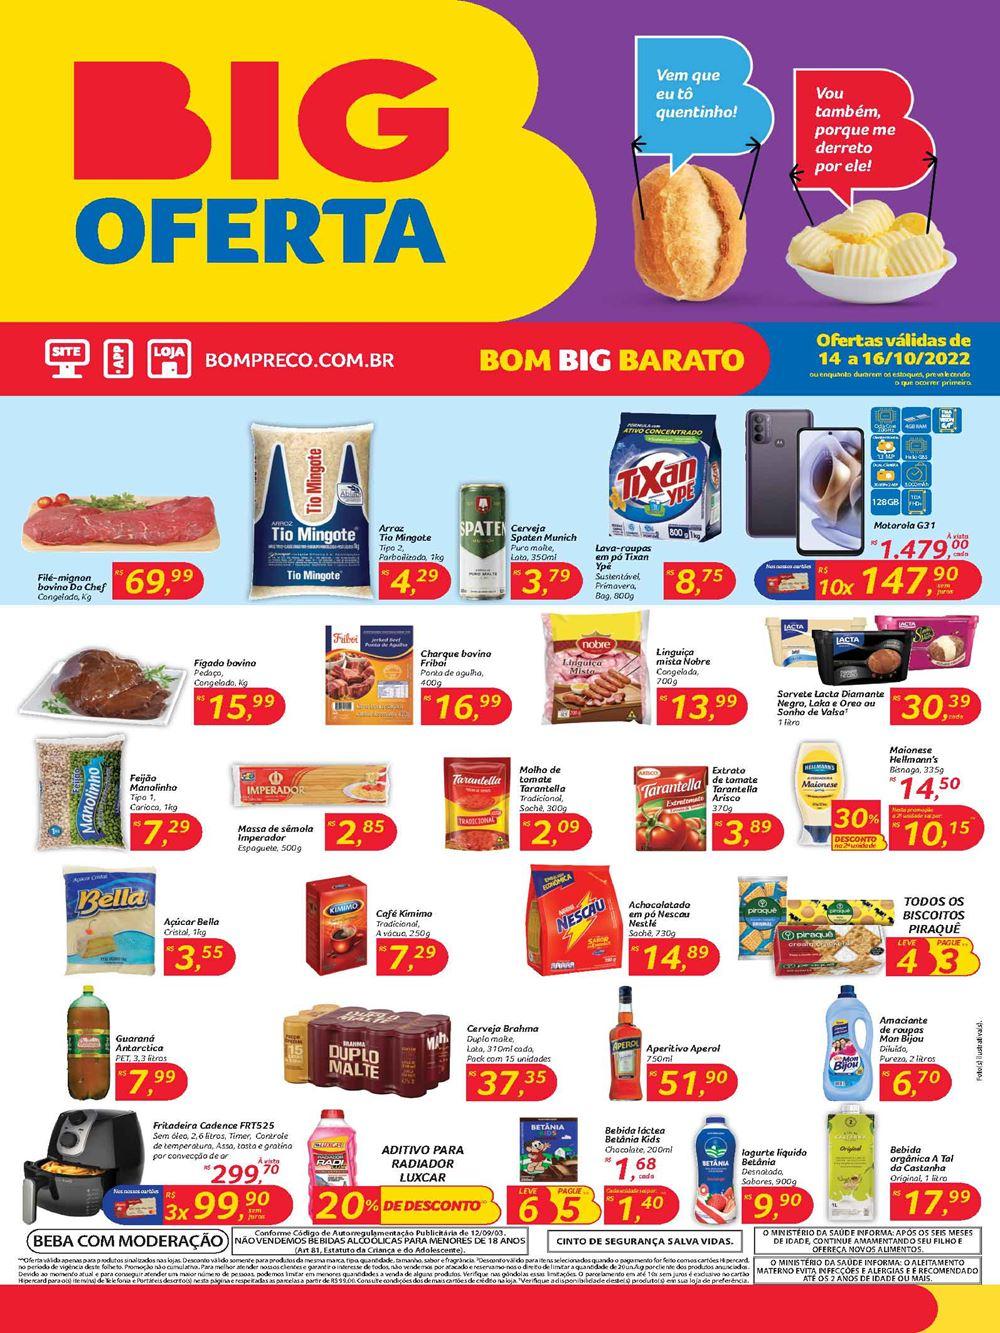 big-ofertas-descontos-hoje1-173 Minas Gerais